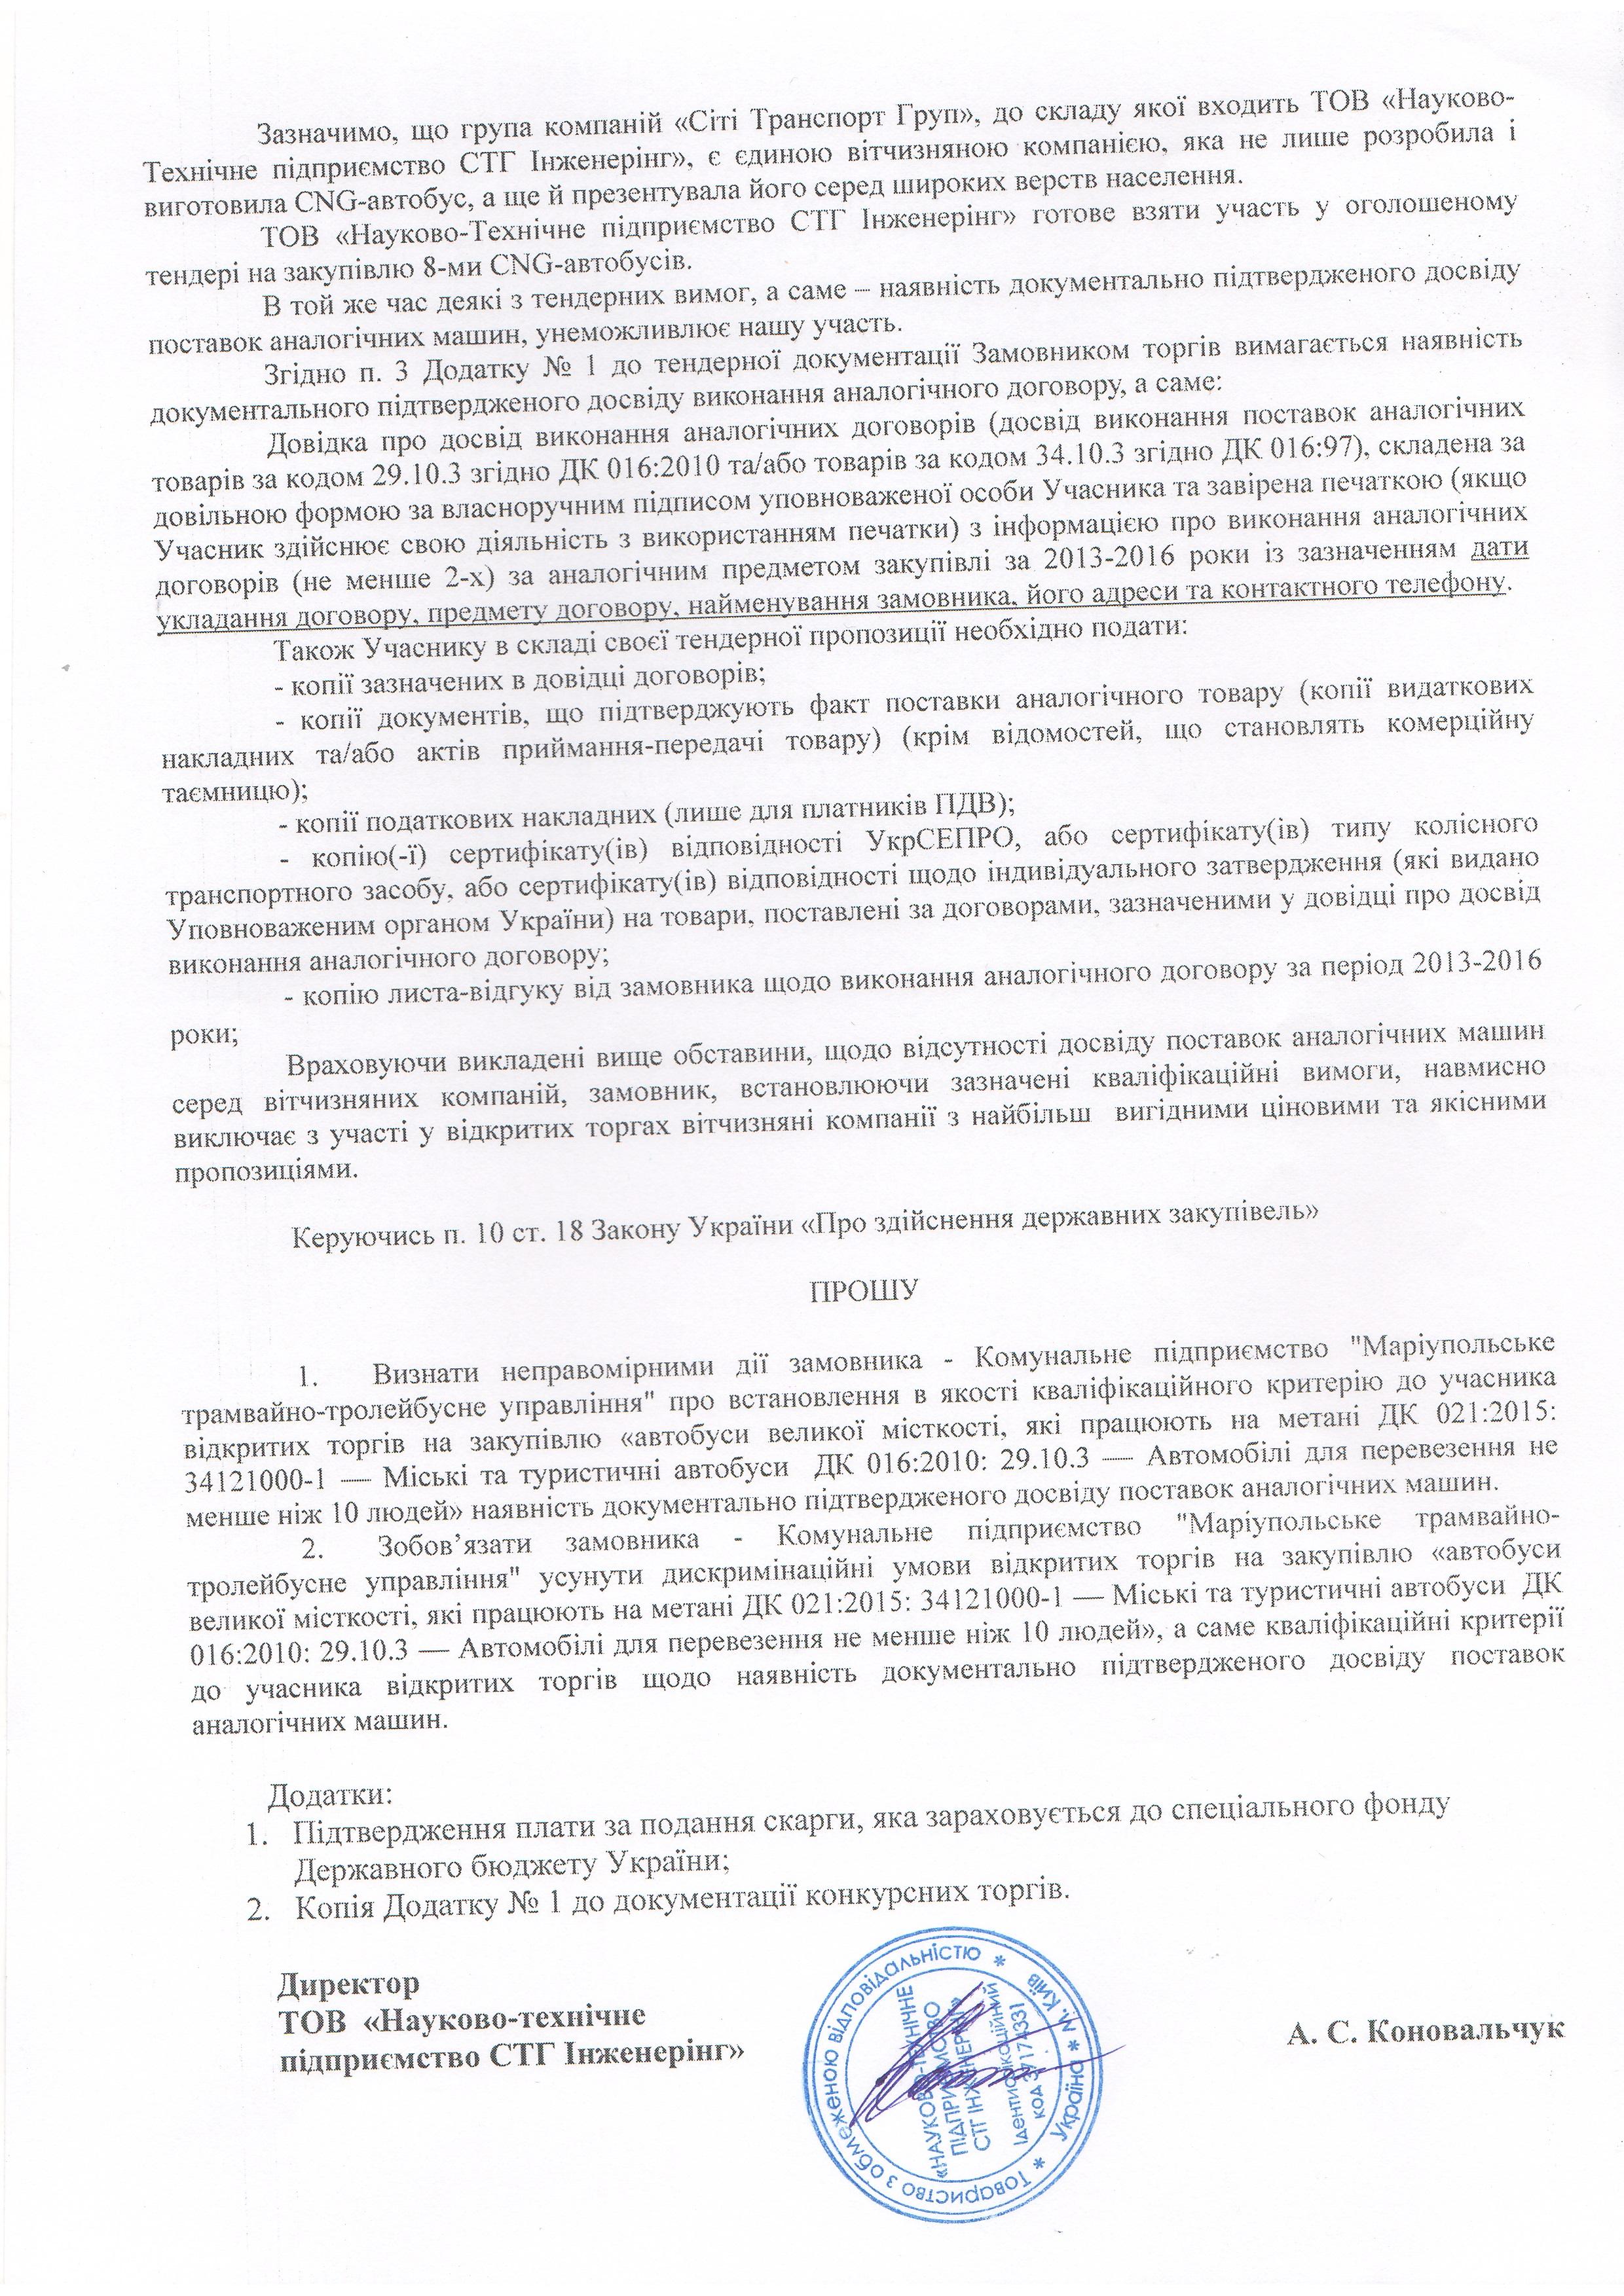 Что заставило «ЛАЗ» обратиться в Антимонопольный комитет 2